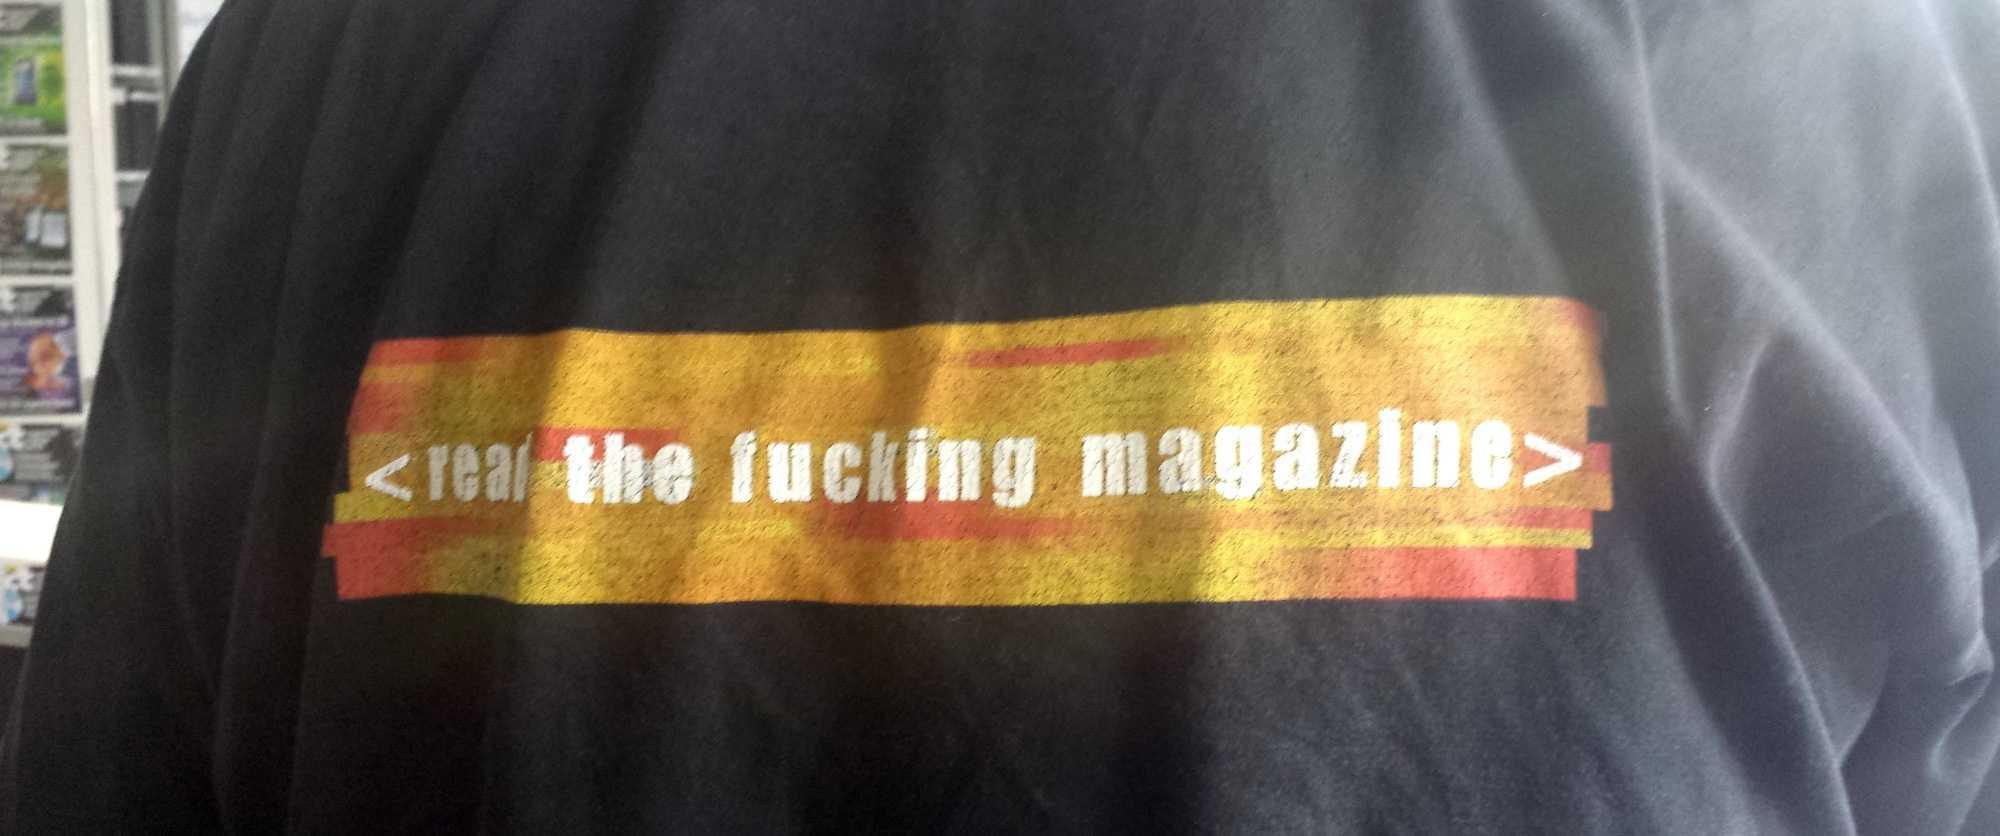 Mahnend steht es auf dem T-Shirt des Kollegen: Read The Fucking Magazine.